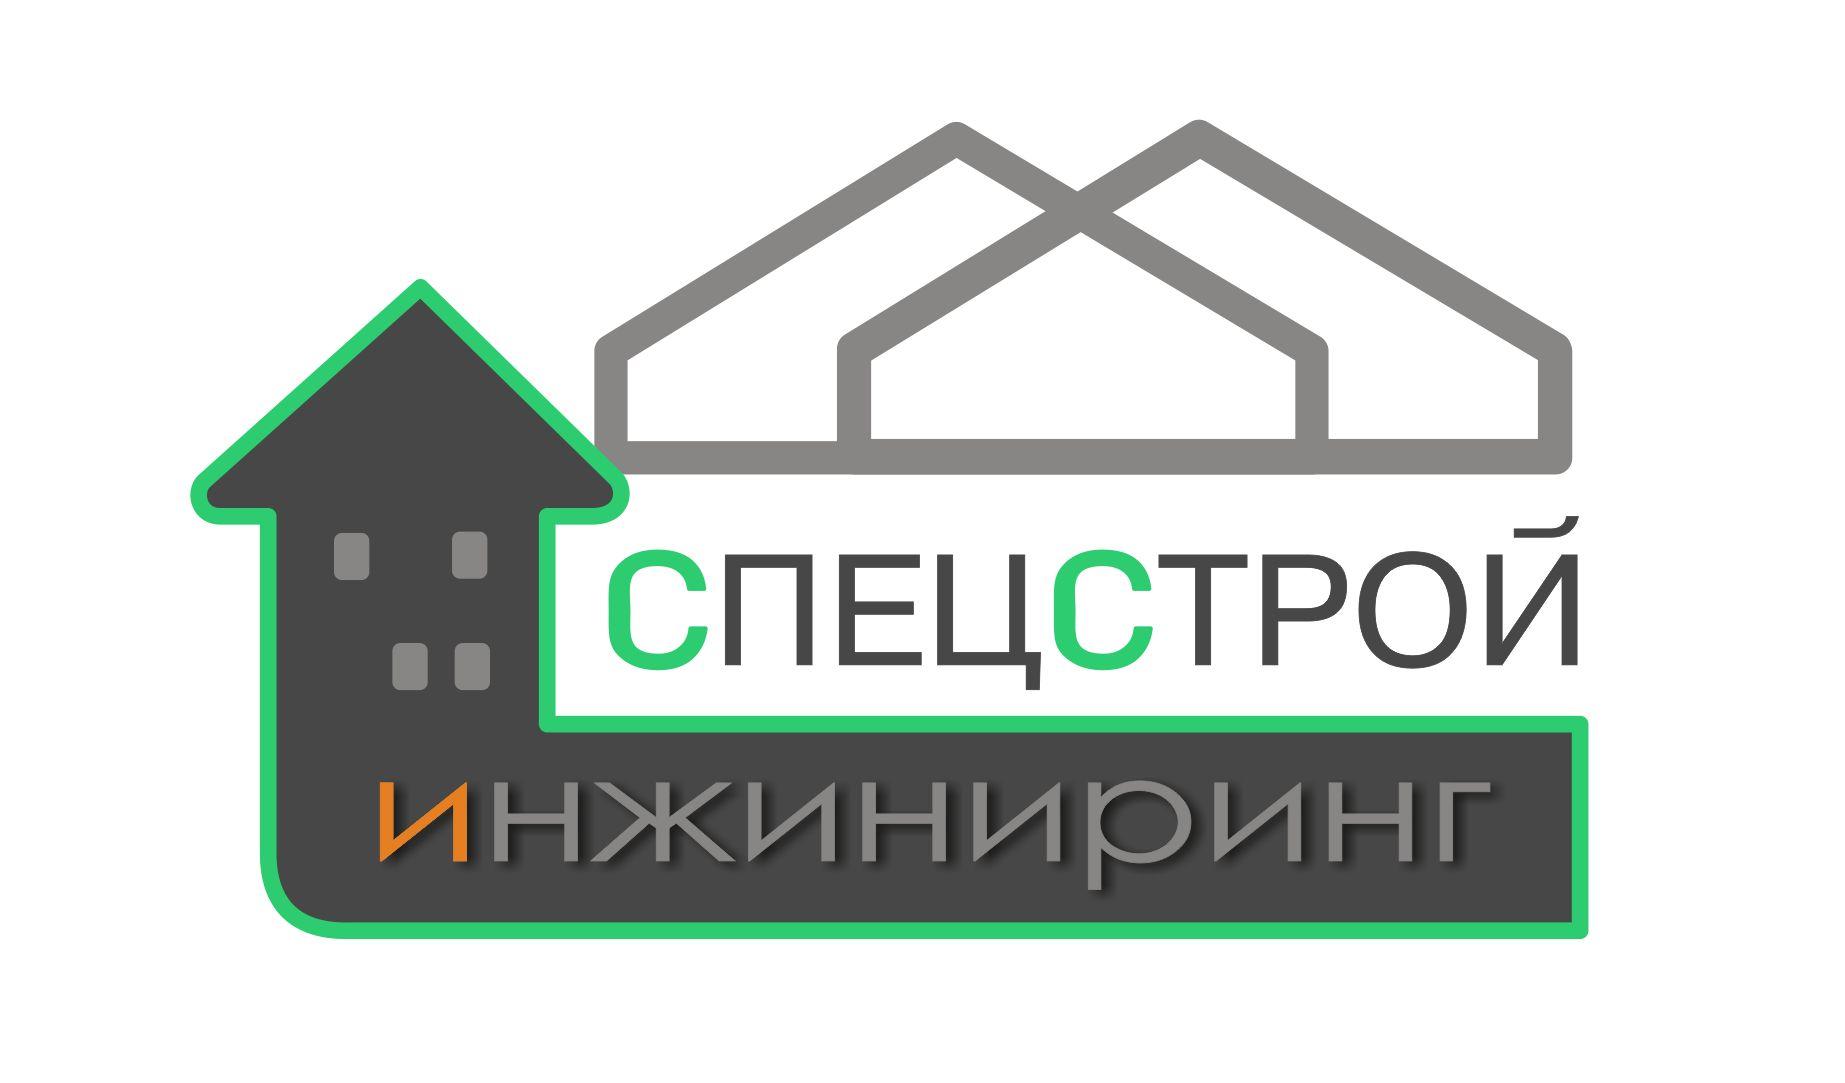 Логотип для строительной компании - дизайнер Modify